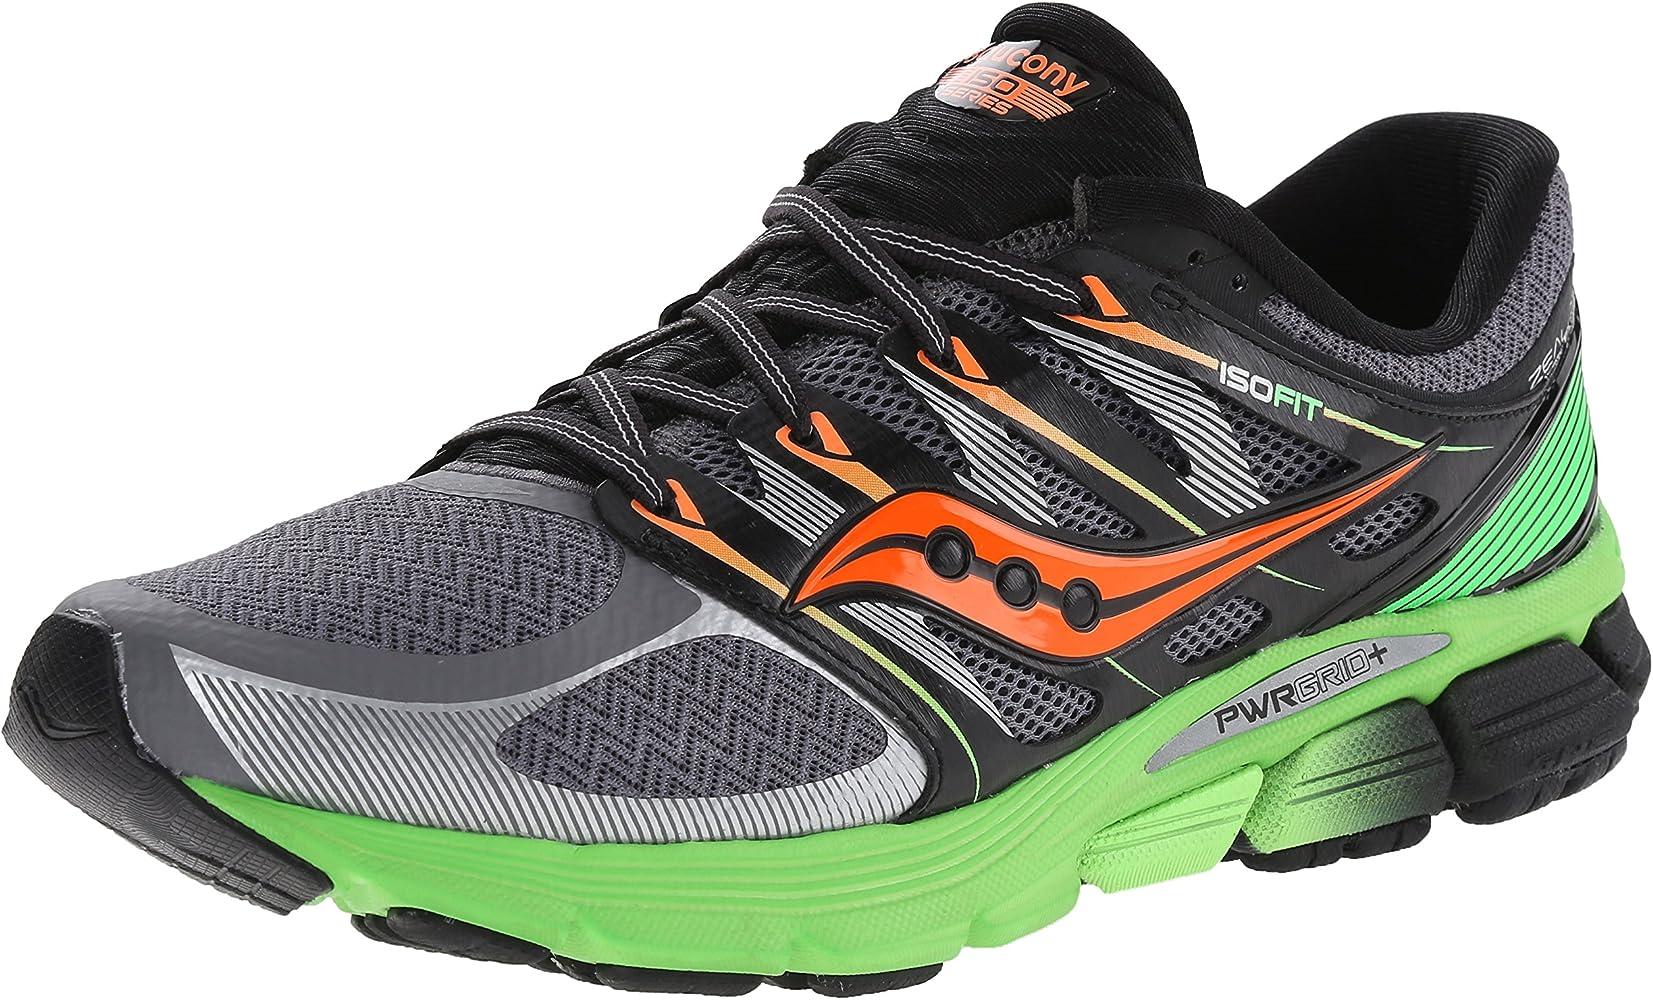 Saucony Zealot - Zapatillas de running unisex, Gris (Grey / Sline / Orange), 45 EU: Amazon.es: Zapatos y complementos